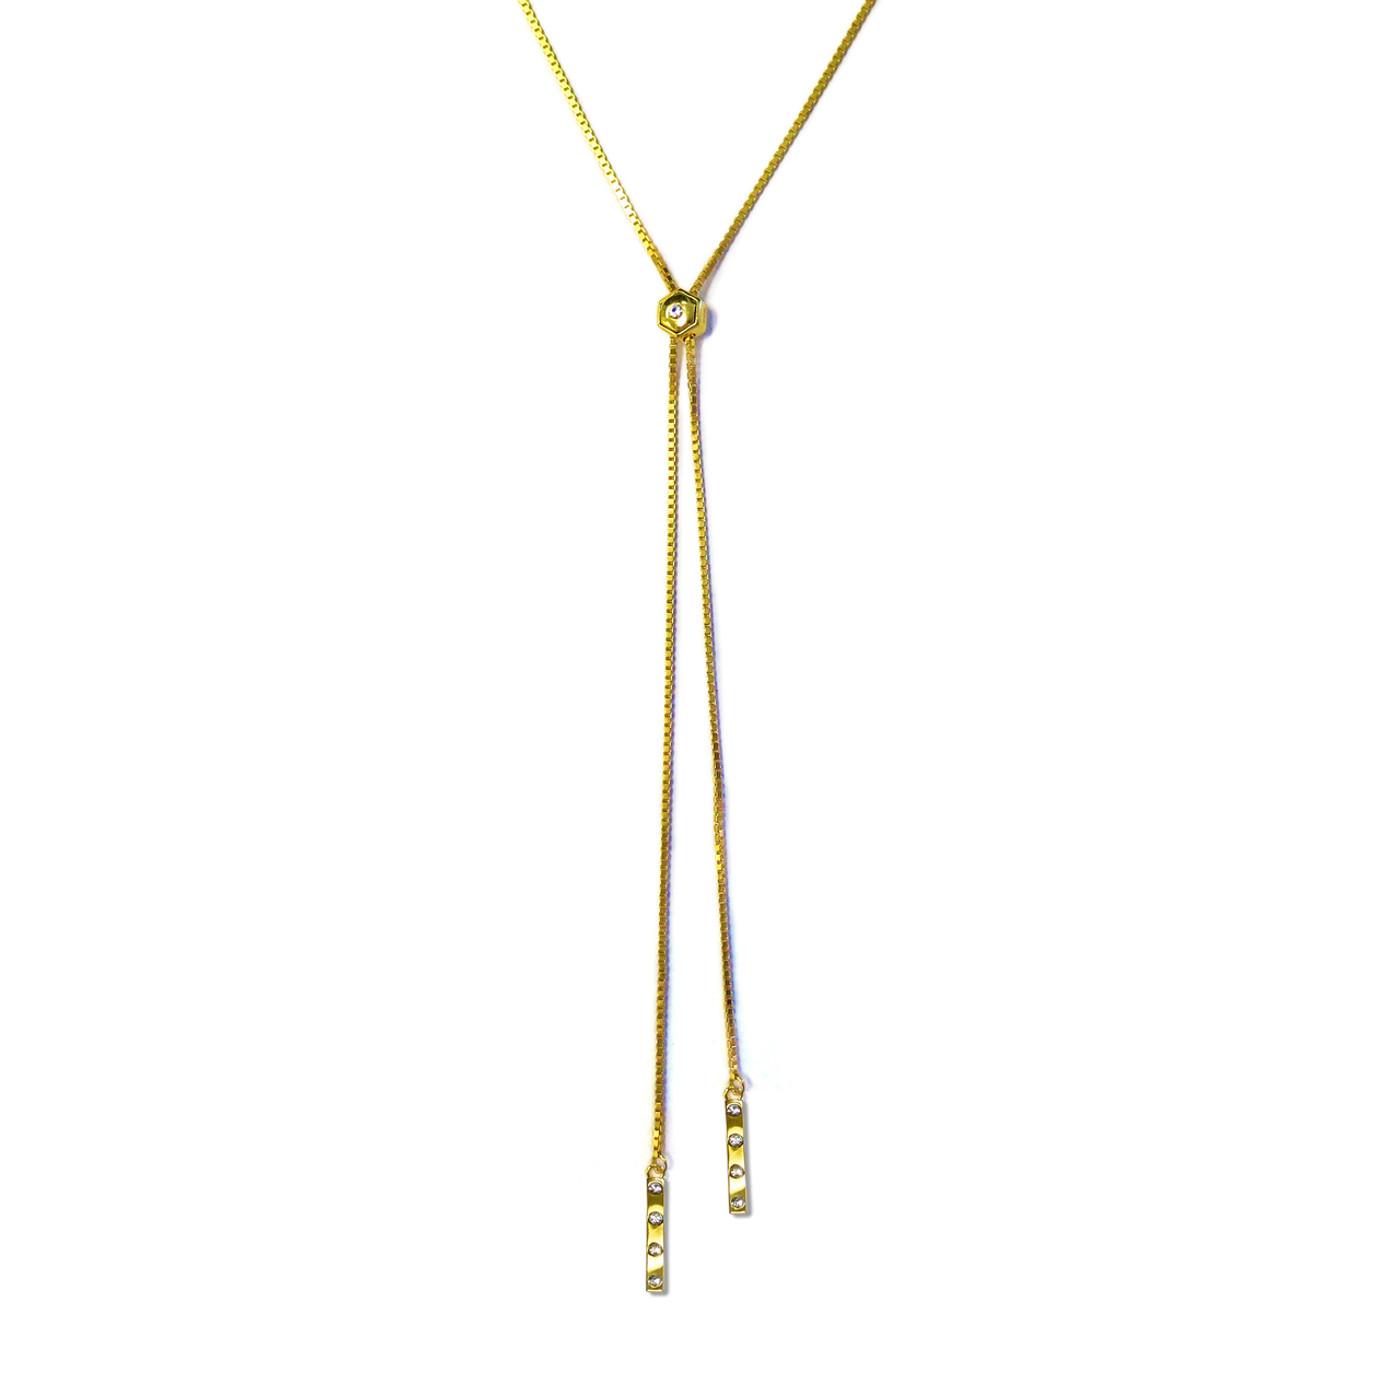 Tic Toc Lariat Necklace